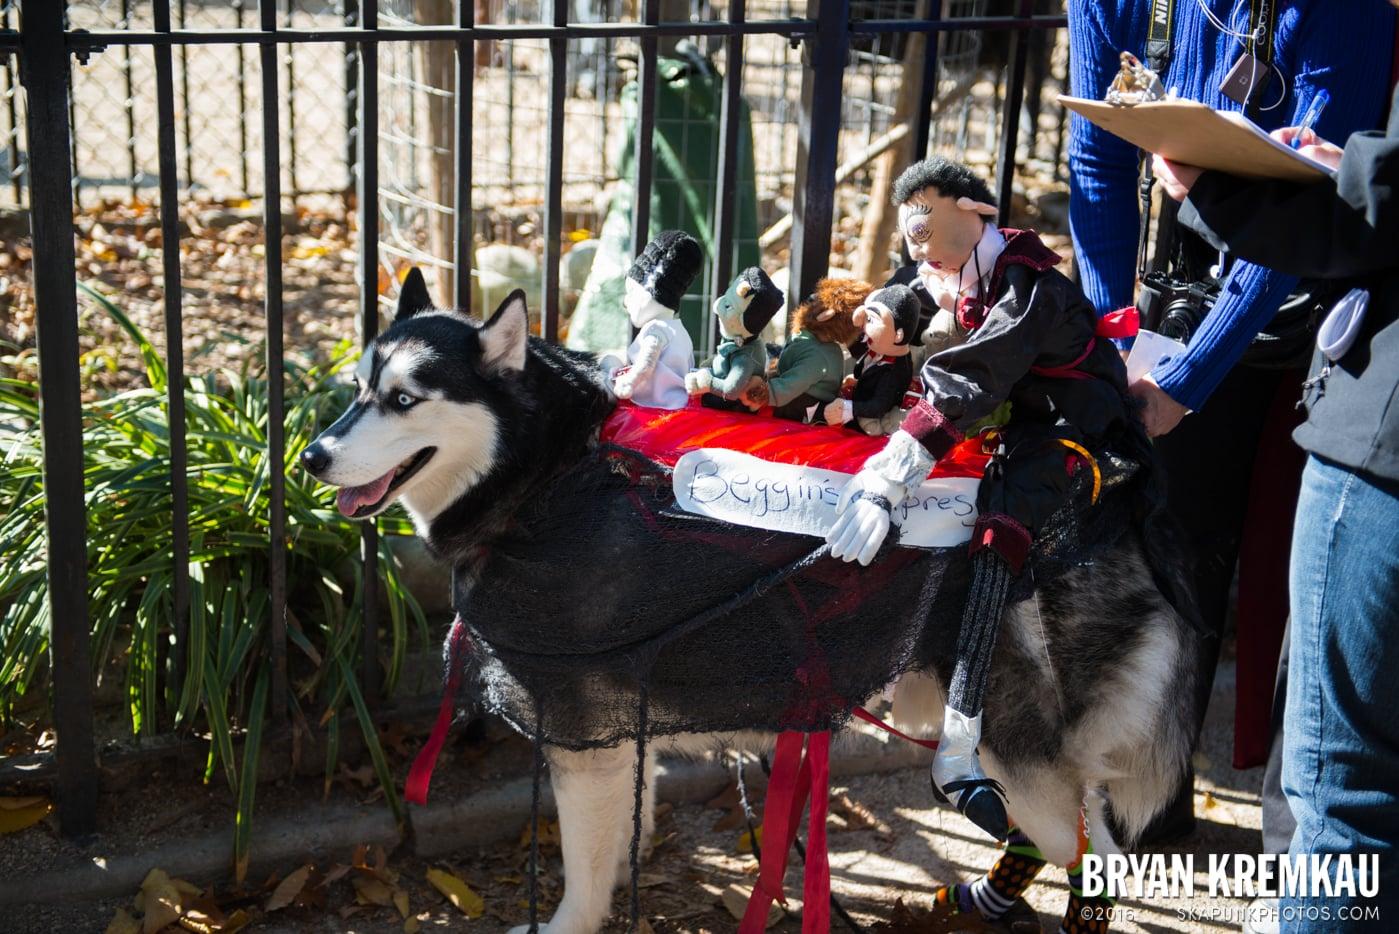 Tompkins Square Halloween Dog Parade 2013 @ Tompkins Square Park, NYC - 10.26.13 (75)